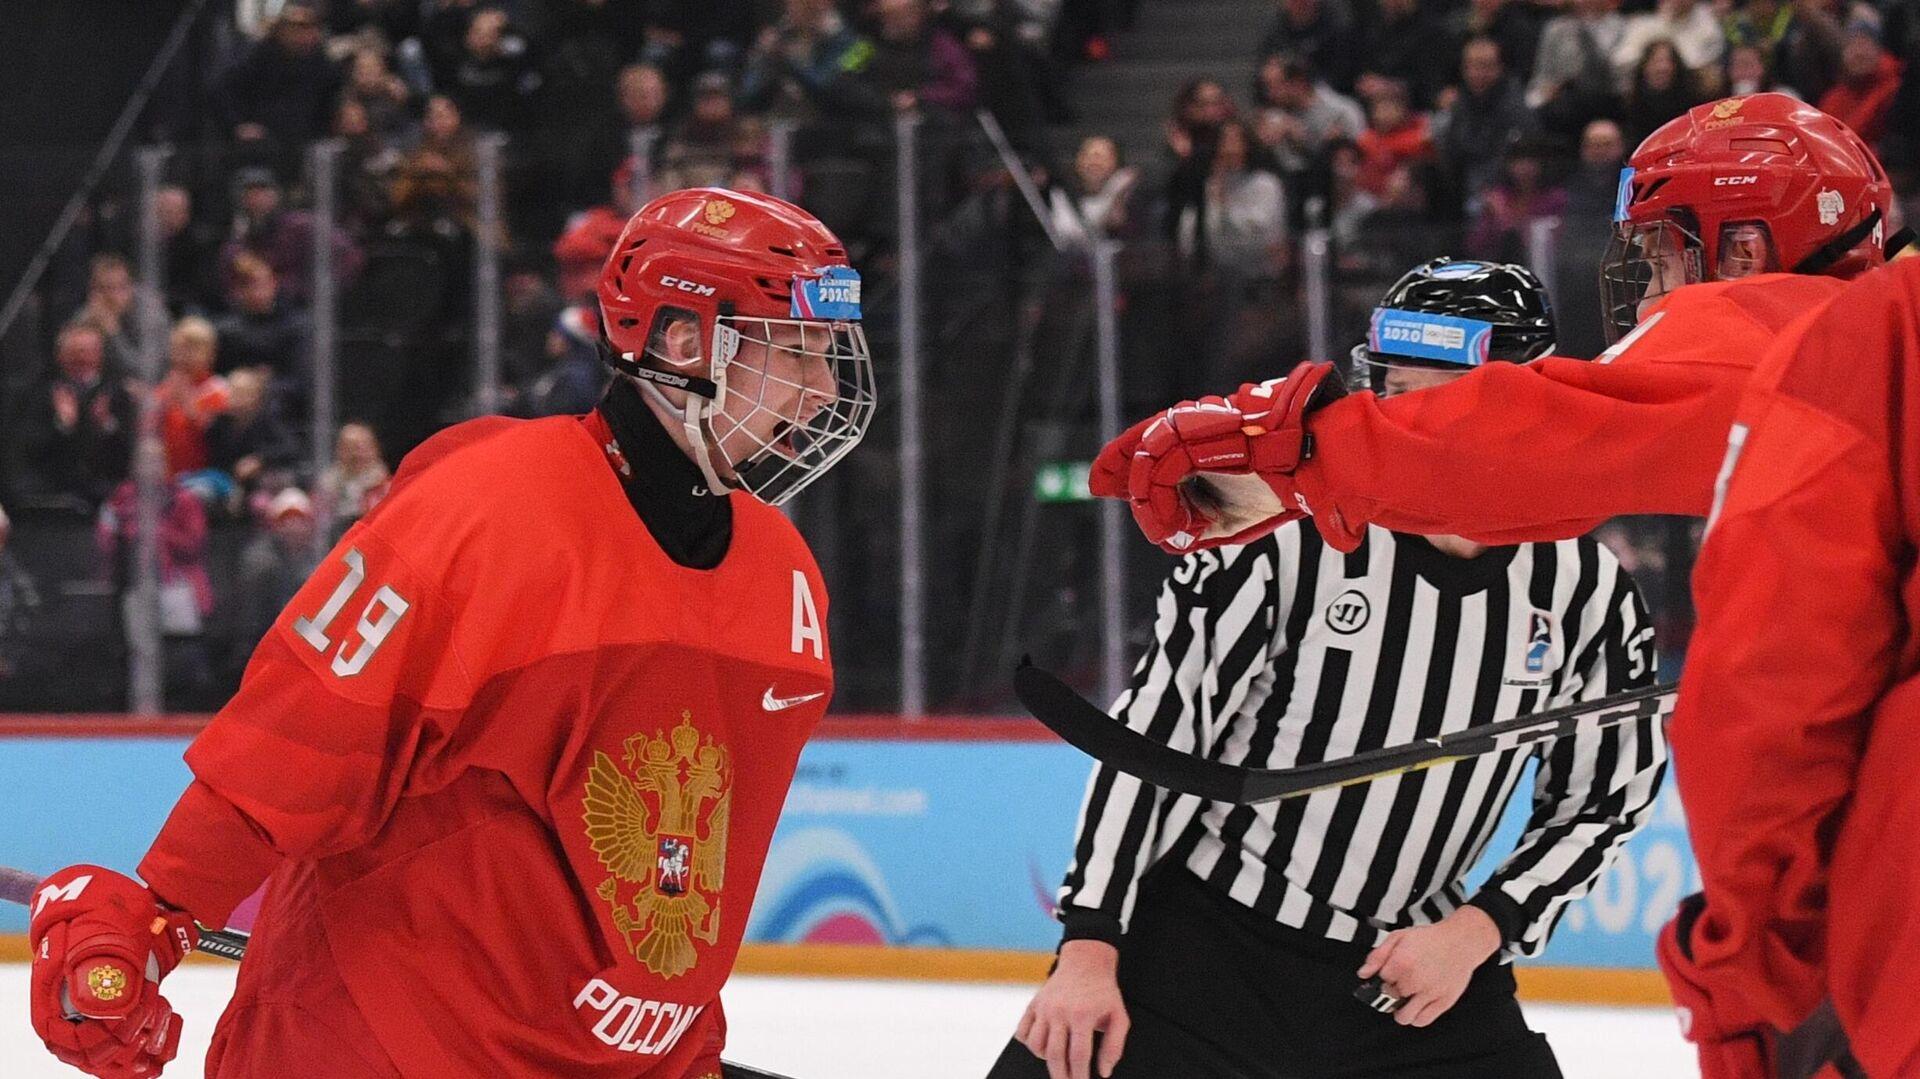 Слева: Матвей Мичков (Россия) радуется заброшенной шайбе - РИА Новости, 1920, 08.05.2021